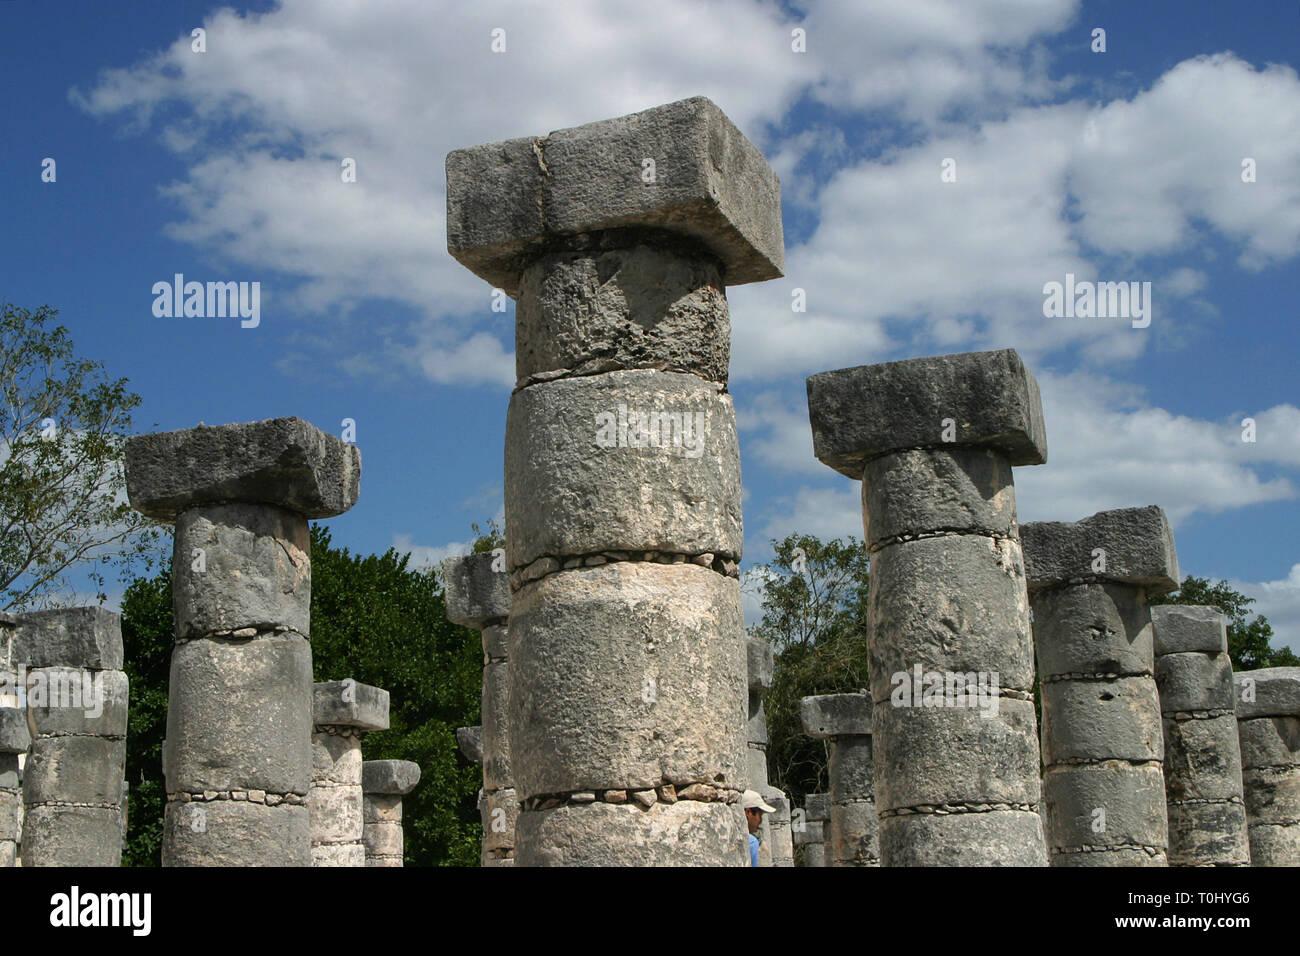 Zona arqueologica de Chichen Itza Zona arqueológica    Chichén ItzáChichén Itzá maya: (Chichén) Boca del pozo;   de los (Itzá) brujos de agua.   Es uno de los principales sitios arqueológicos de la   península de Yucatán, en México, ubicado en el municipio de Tinum.  *Photo:©Francisco* Morales/DAMMPHOTO.COM/NORTEPHOTO Stock Photo